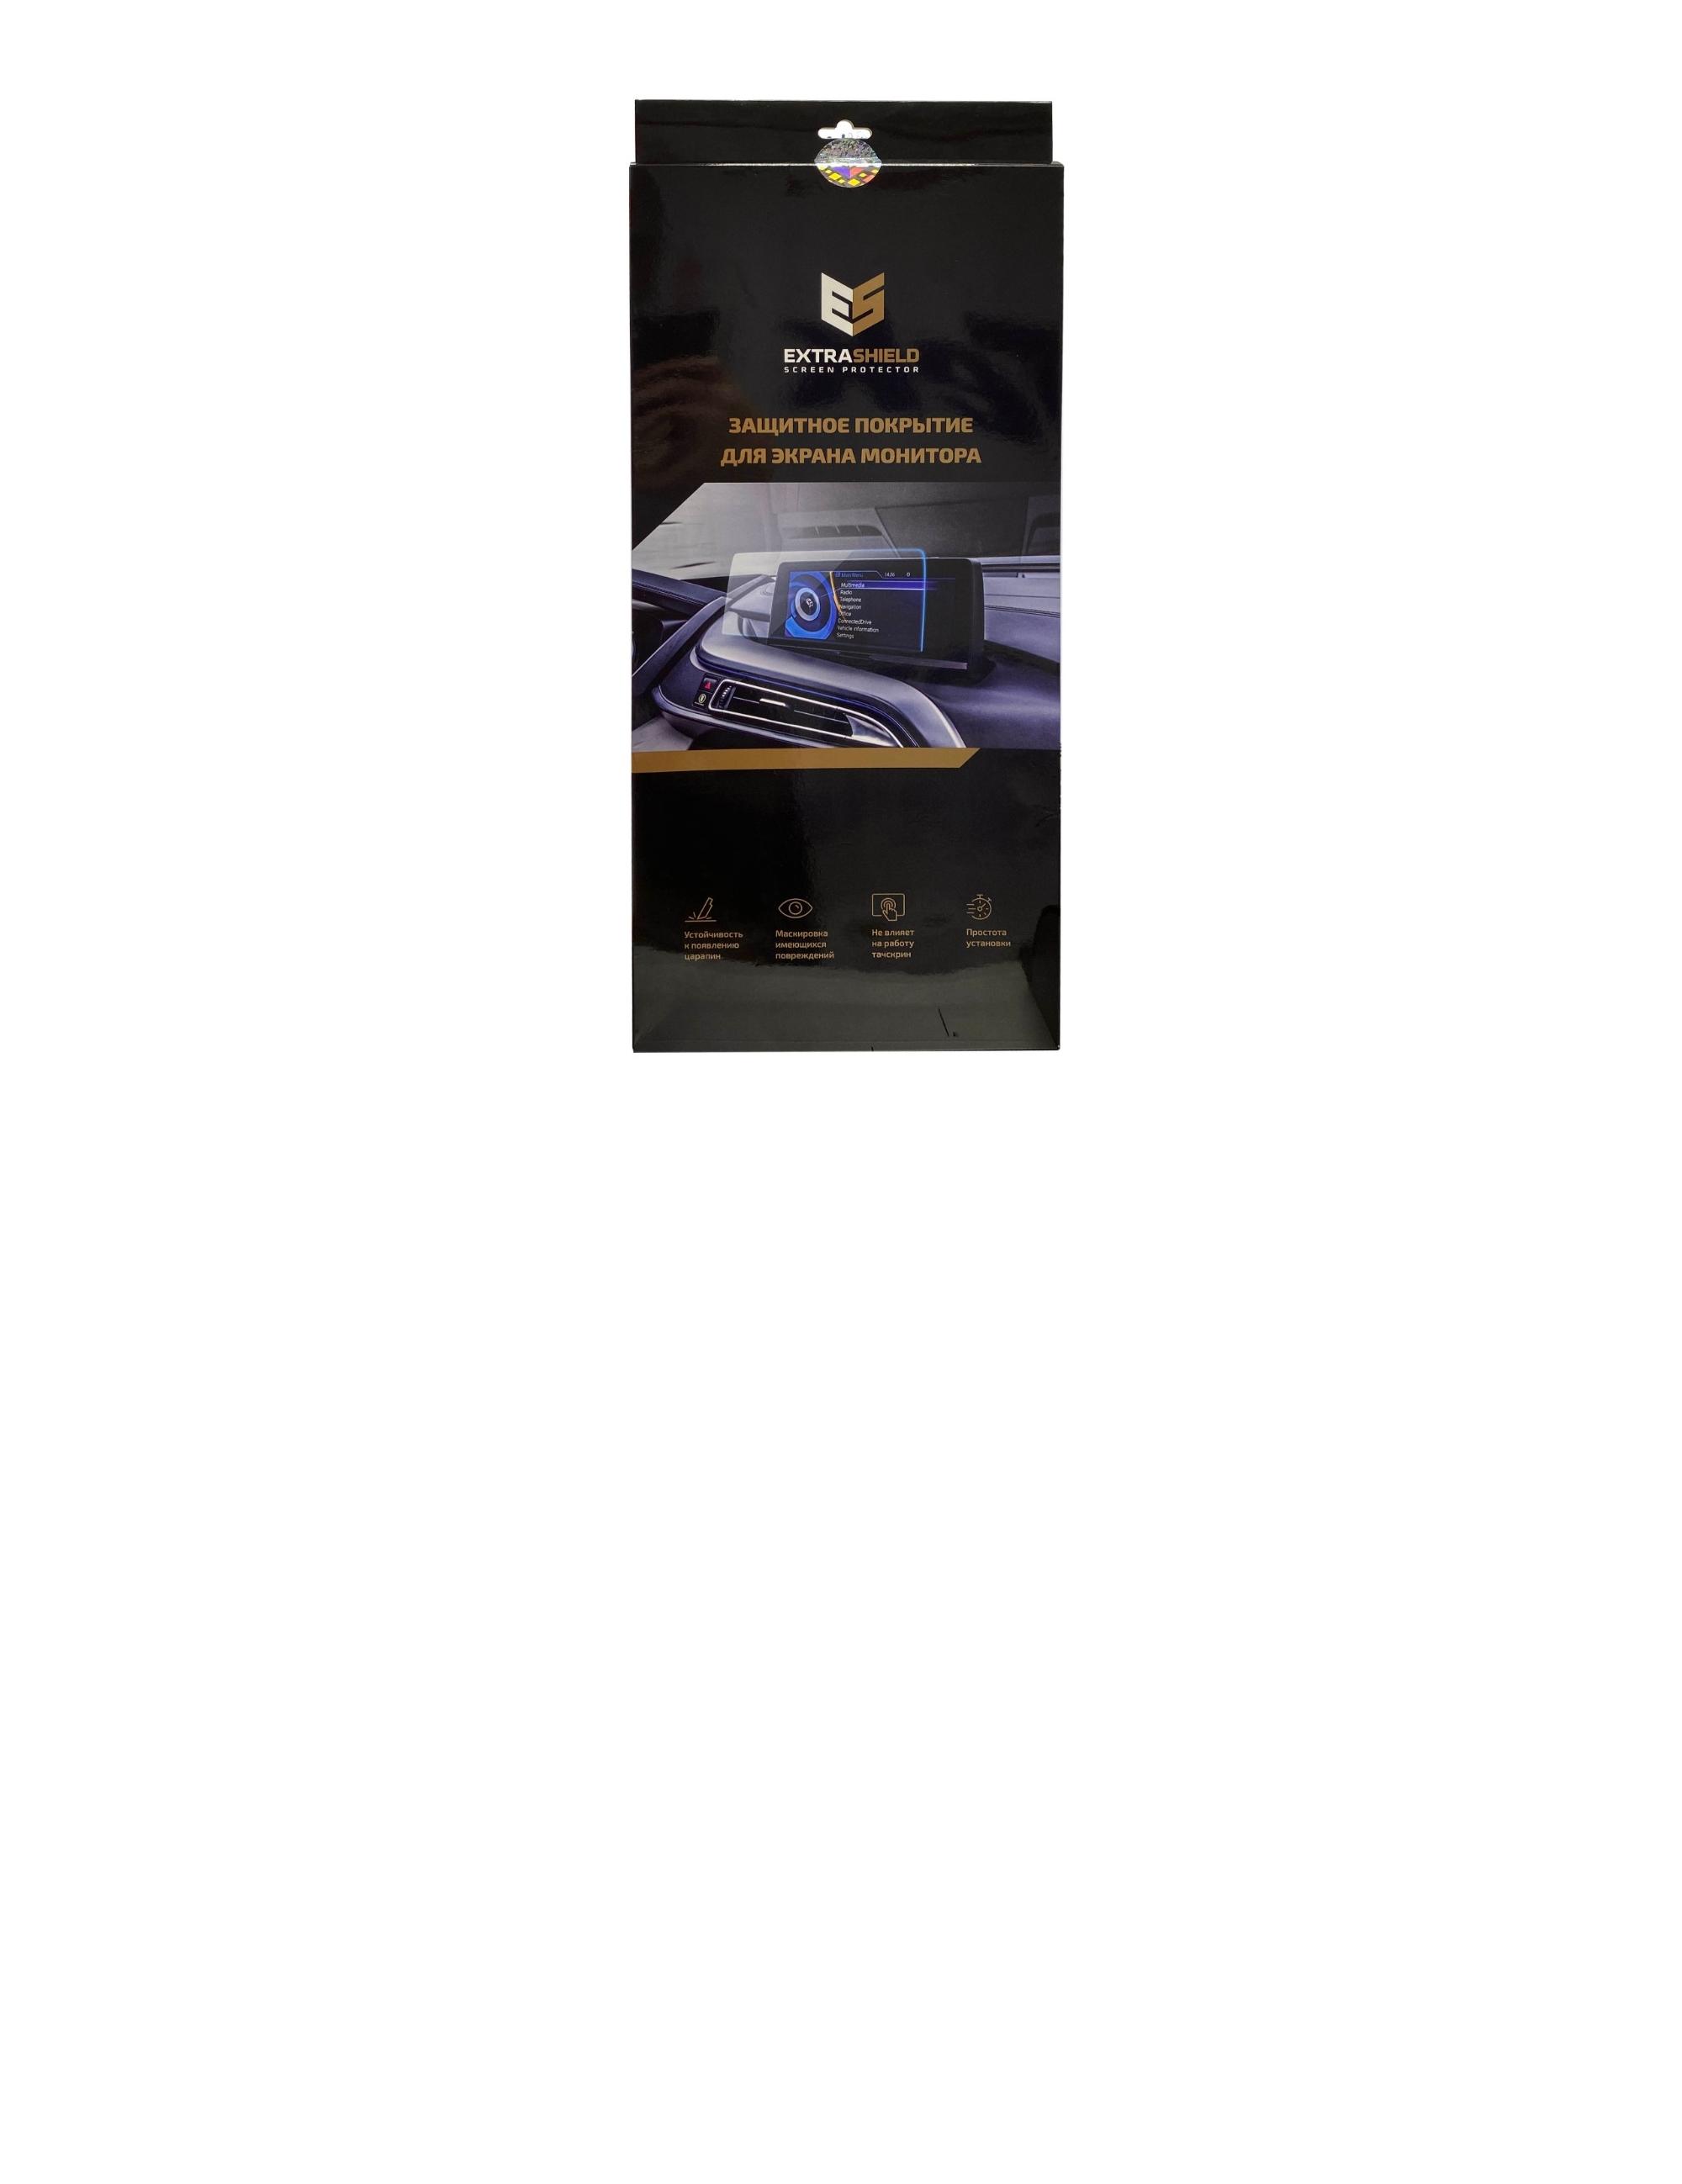 Mercedes-Benz C-class (W205) дорейсталинг 2014 - 2018 мультимедиа 8 Защитное стекло Глянец